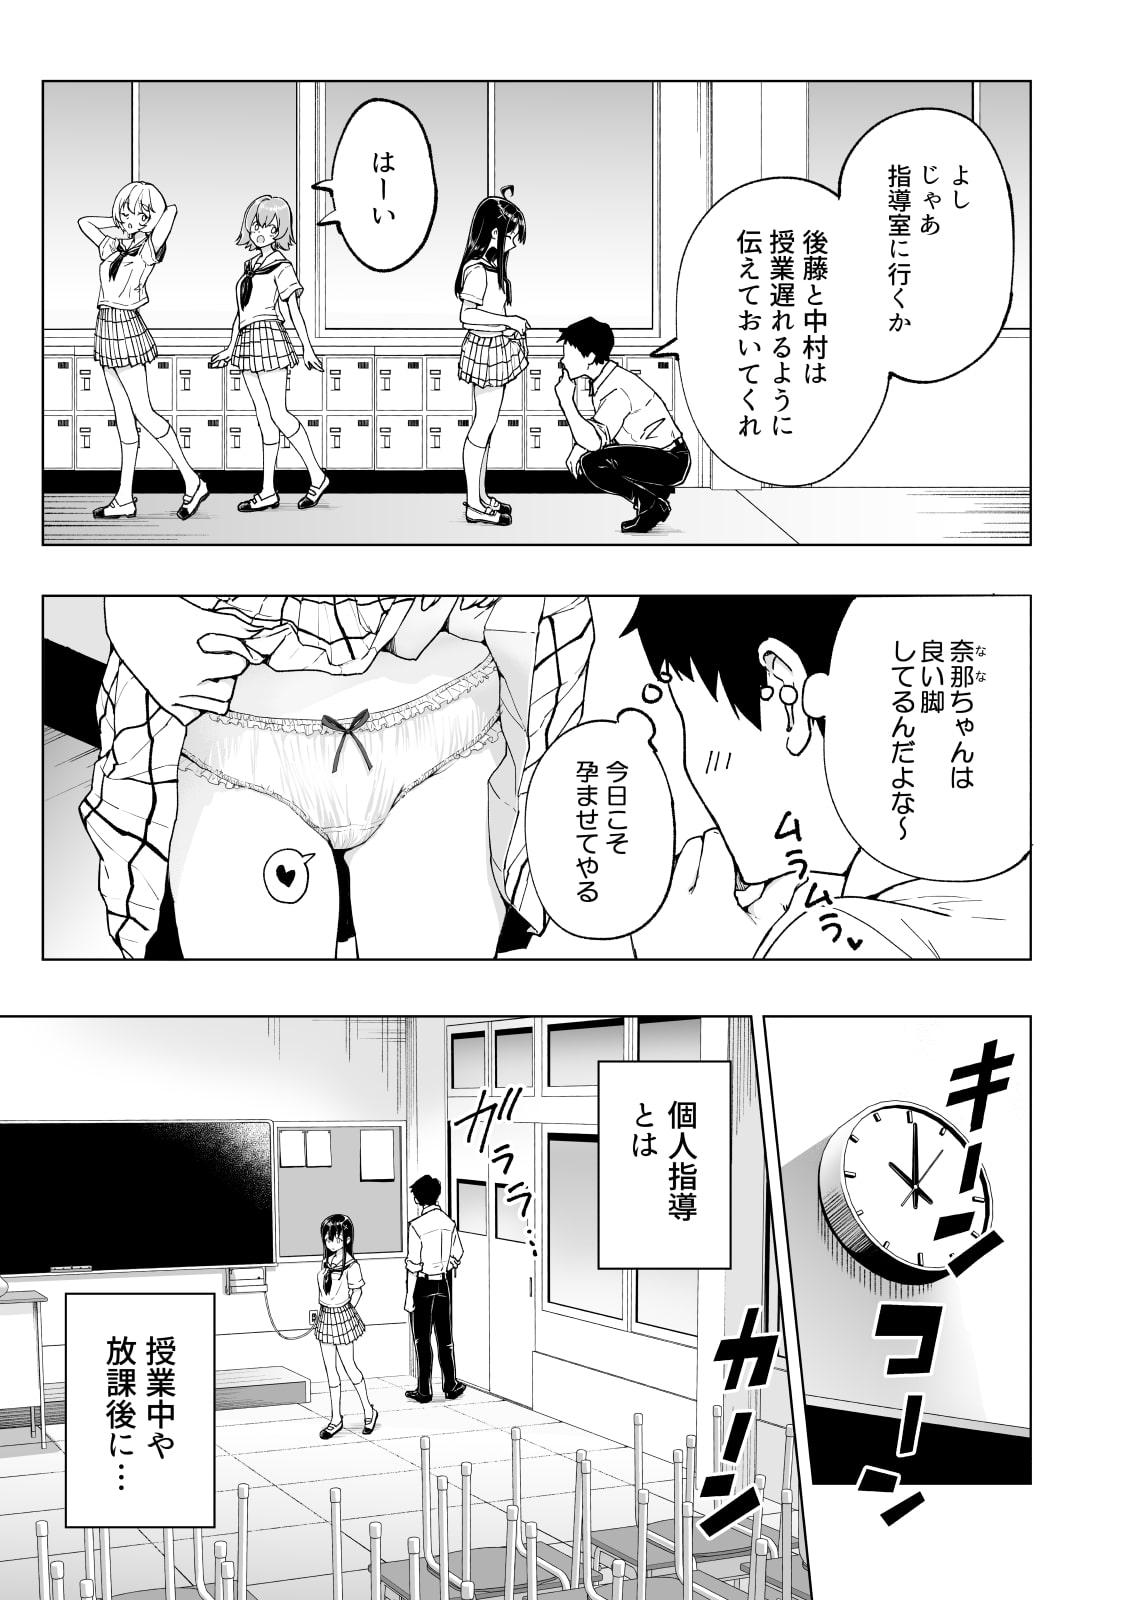 セックススマートフォン~ハーレム学園総集編~のサンプル画像3